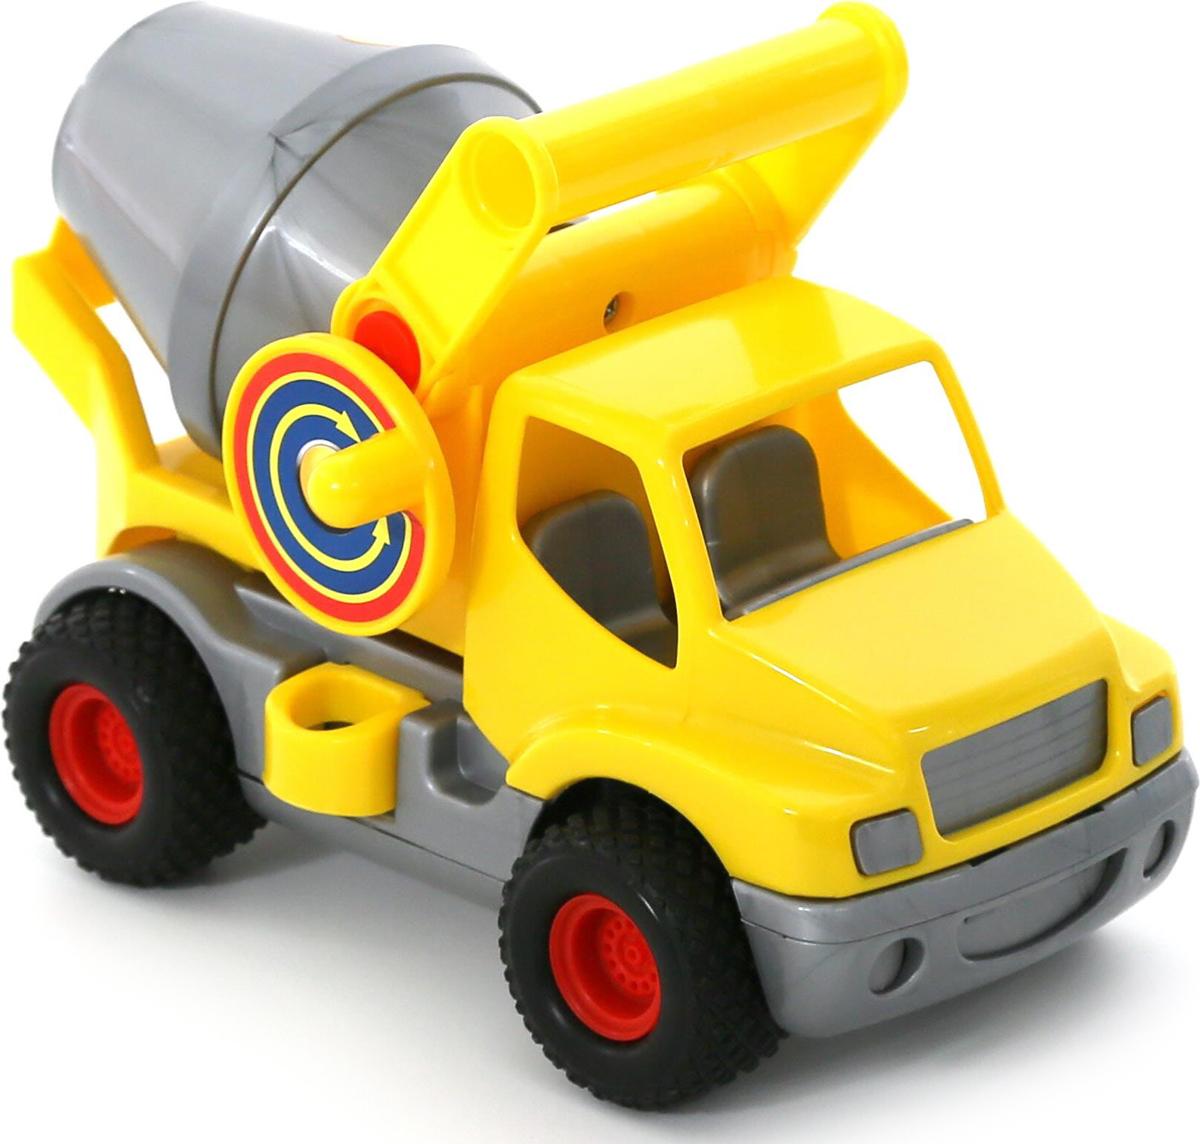 Полесье Бетоновоз КонсТрак цвет желтый полесье гоночный автомобиль торнадо цвет желтый